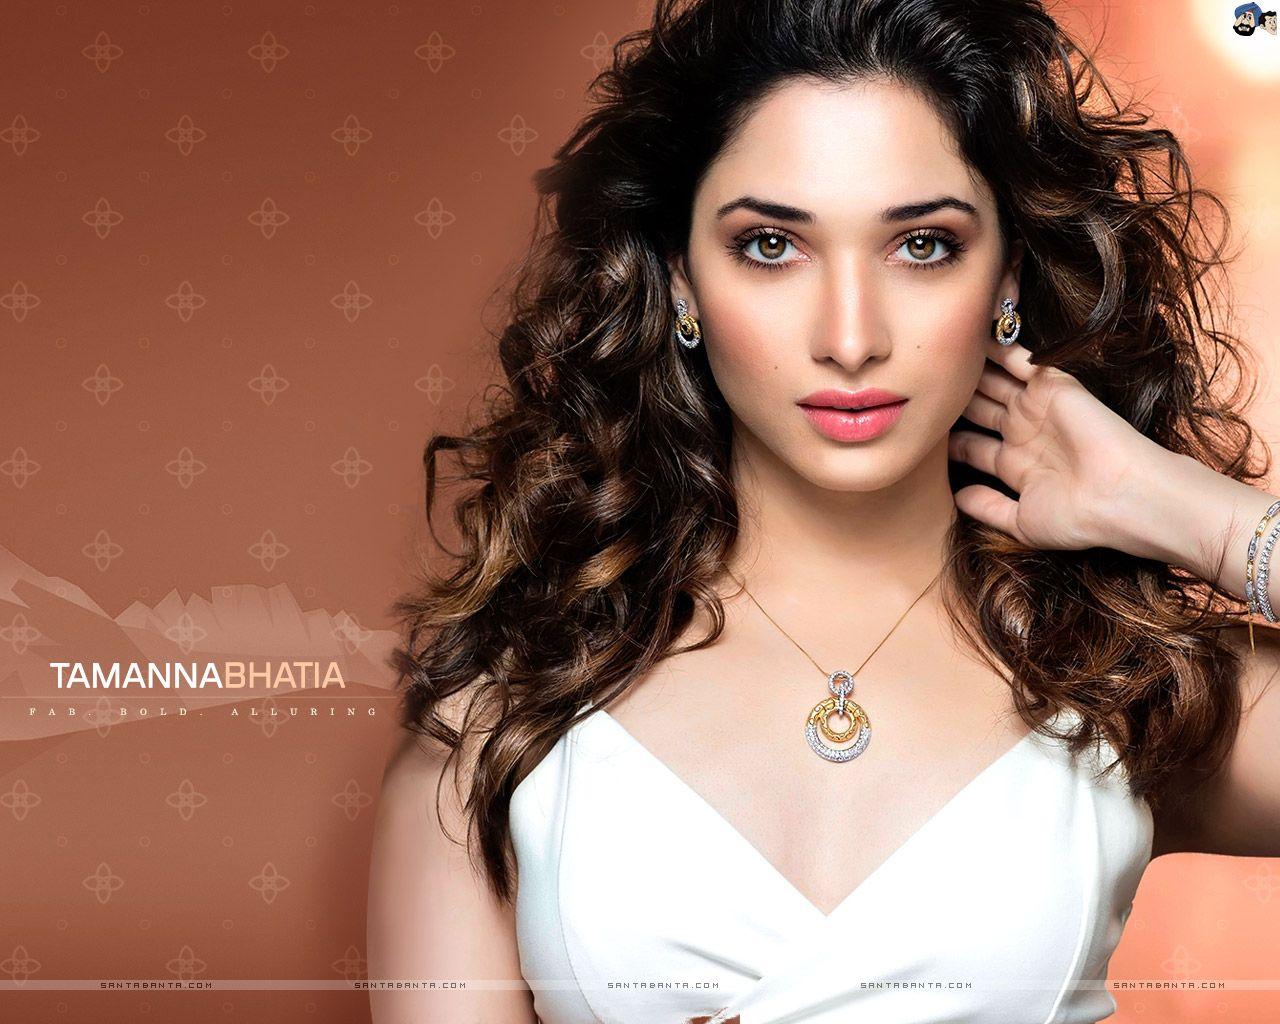 Tamanna Bhatia Hd Wallpapers For Desktop: Tamanna Bhatia HD Wallpaper